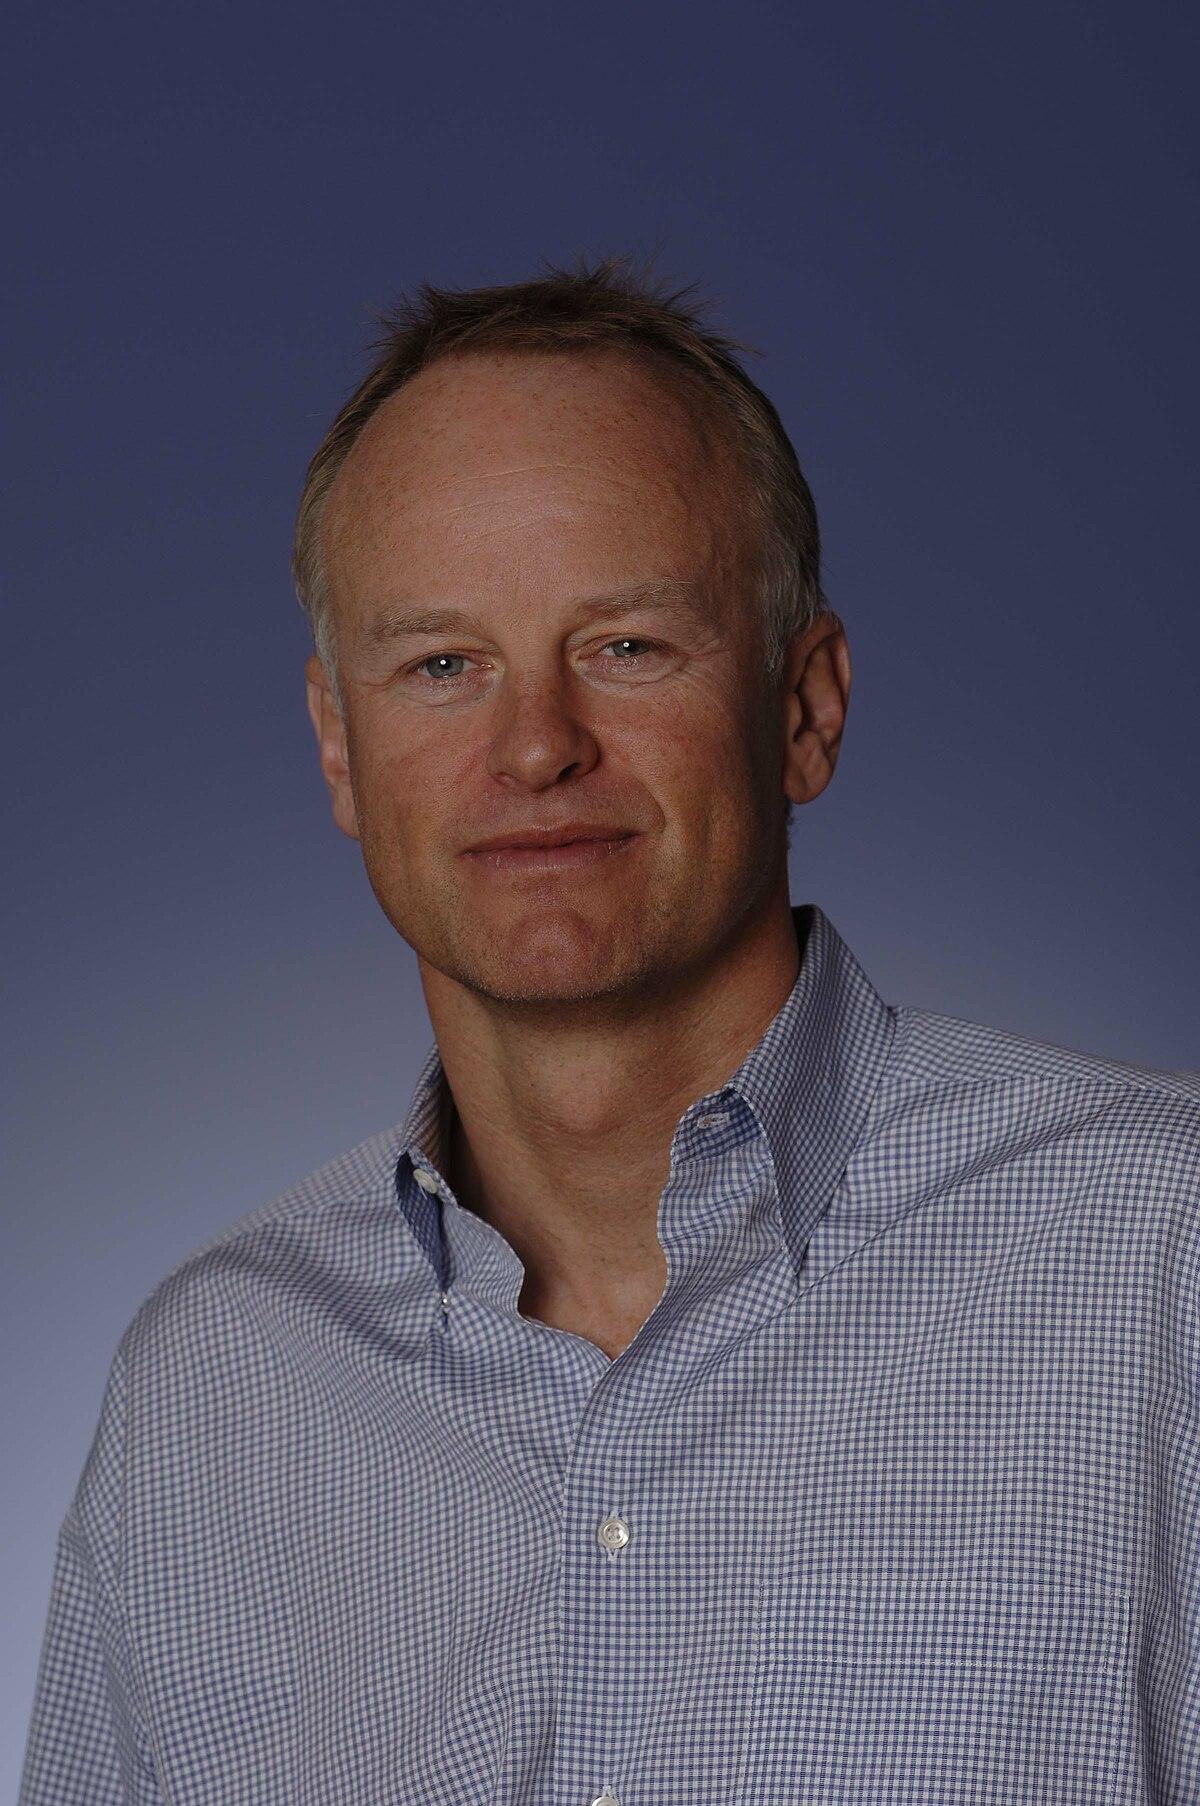 Nicholas Lydon Wikipedia